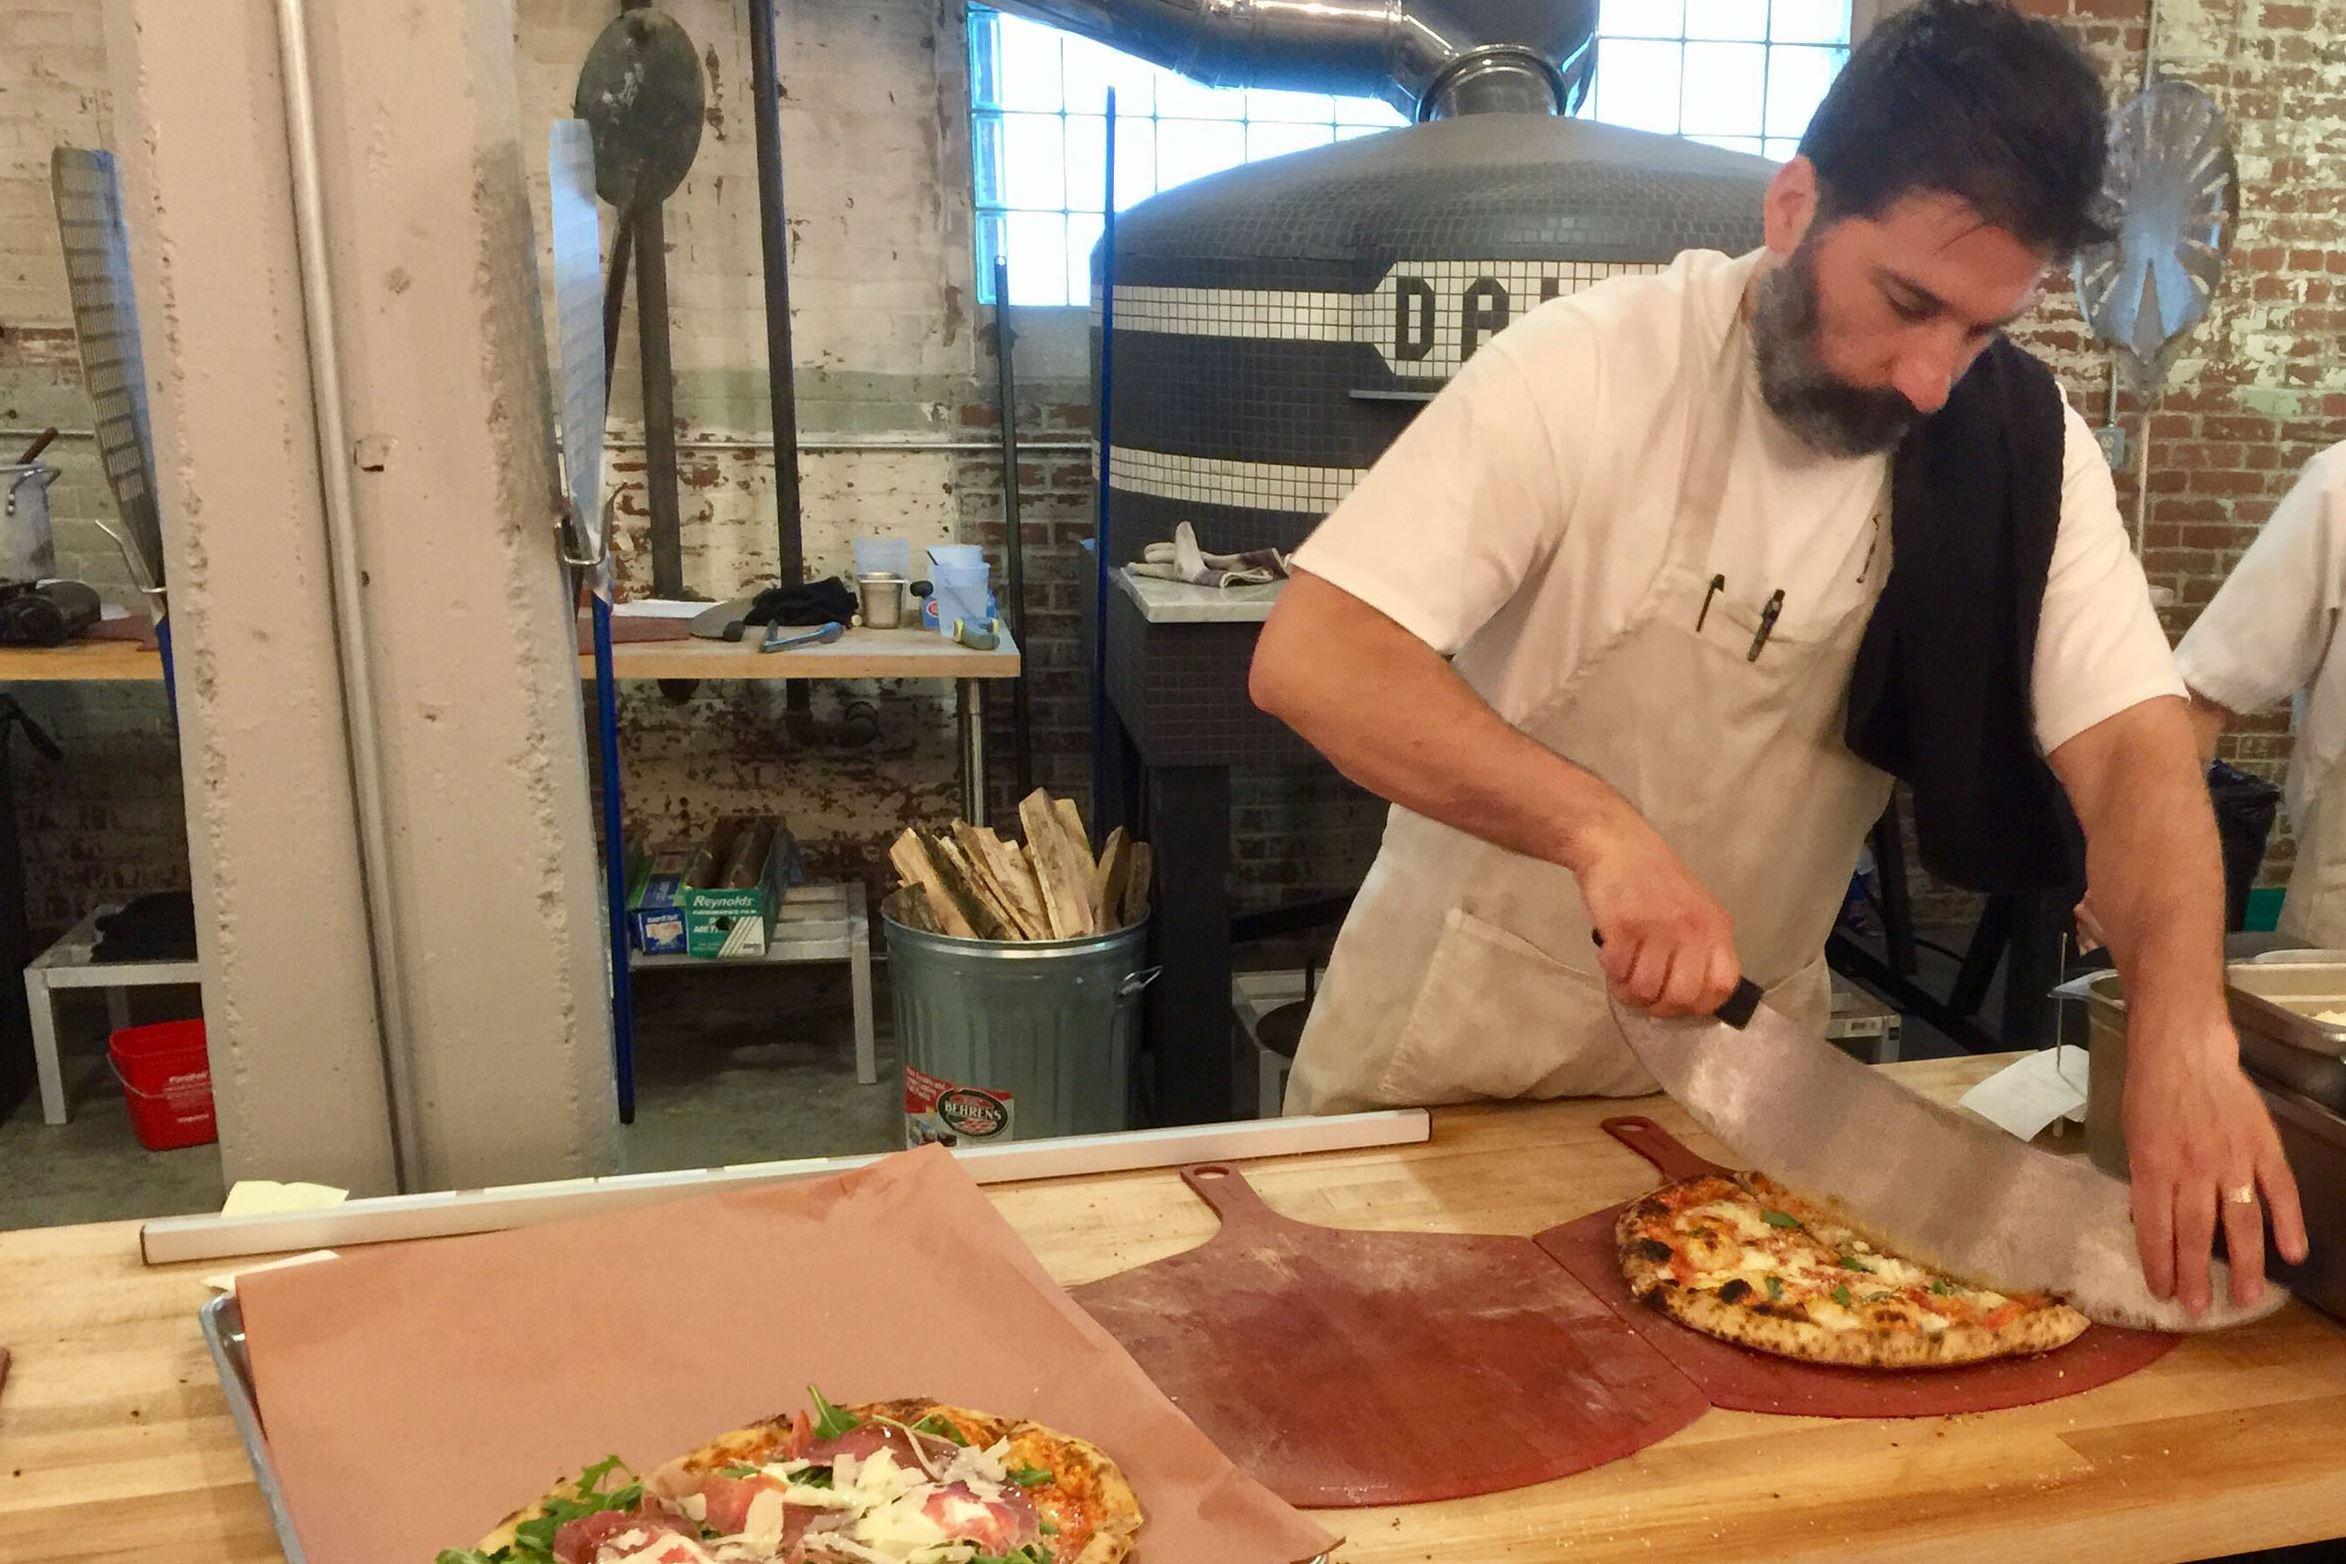 munch dal forno 07-7 Head chef Eric Delliquadri cuts a pie at Dal Forno in North Huntington.